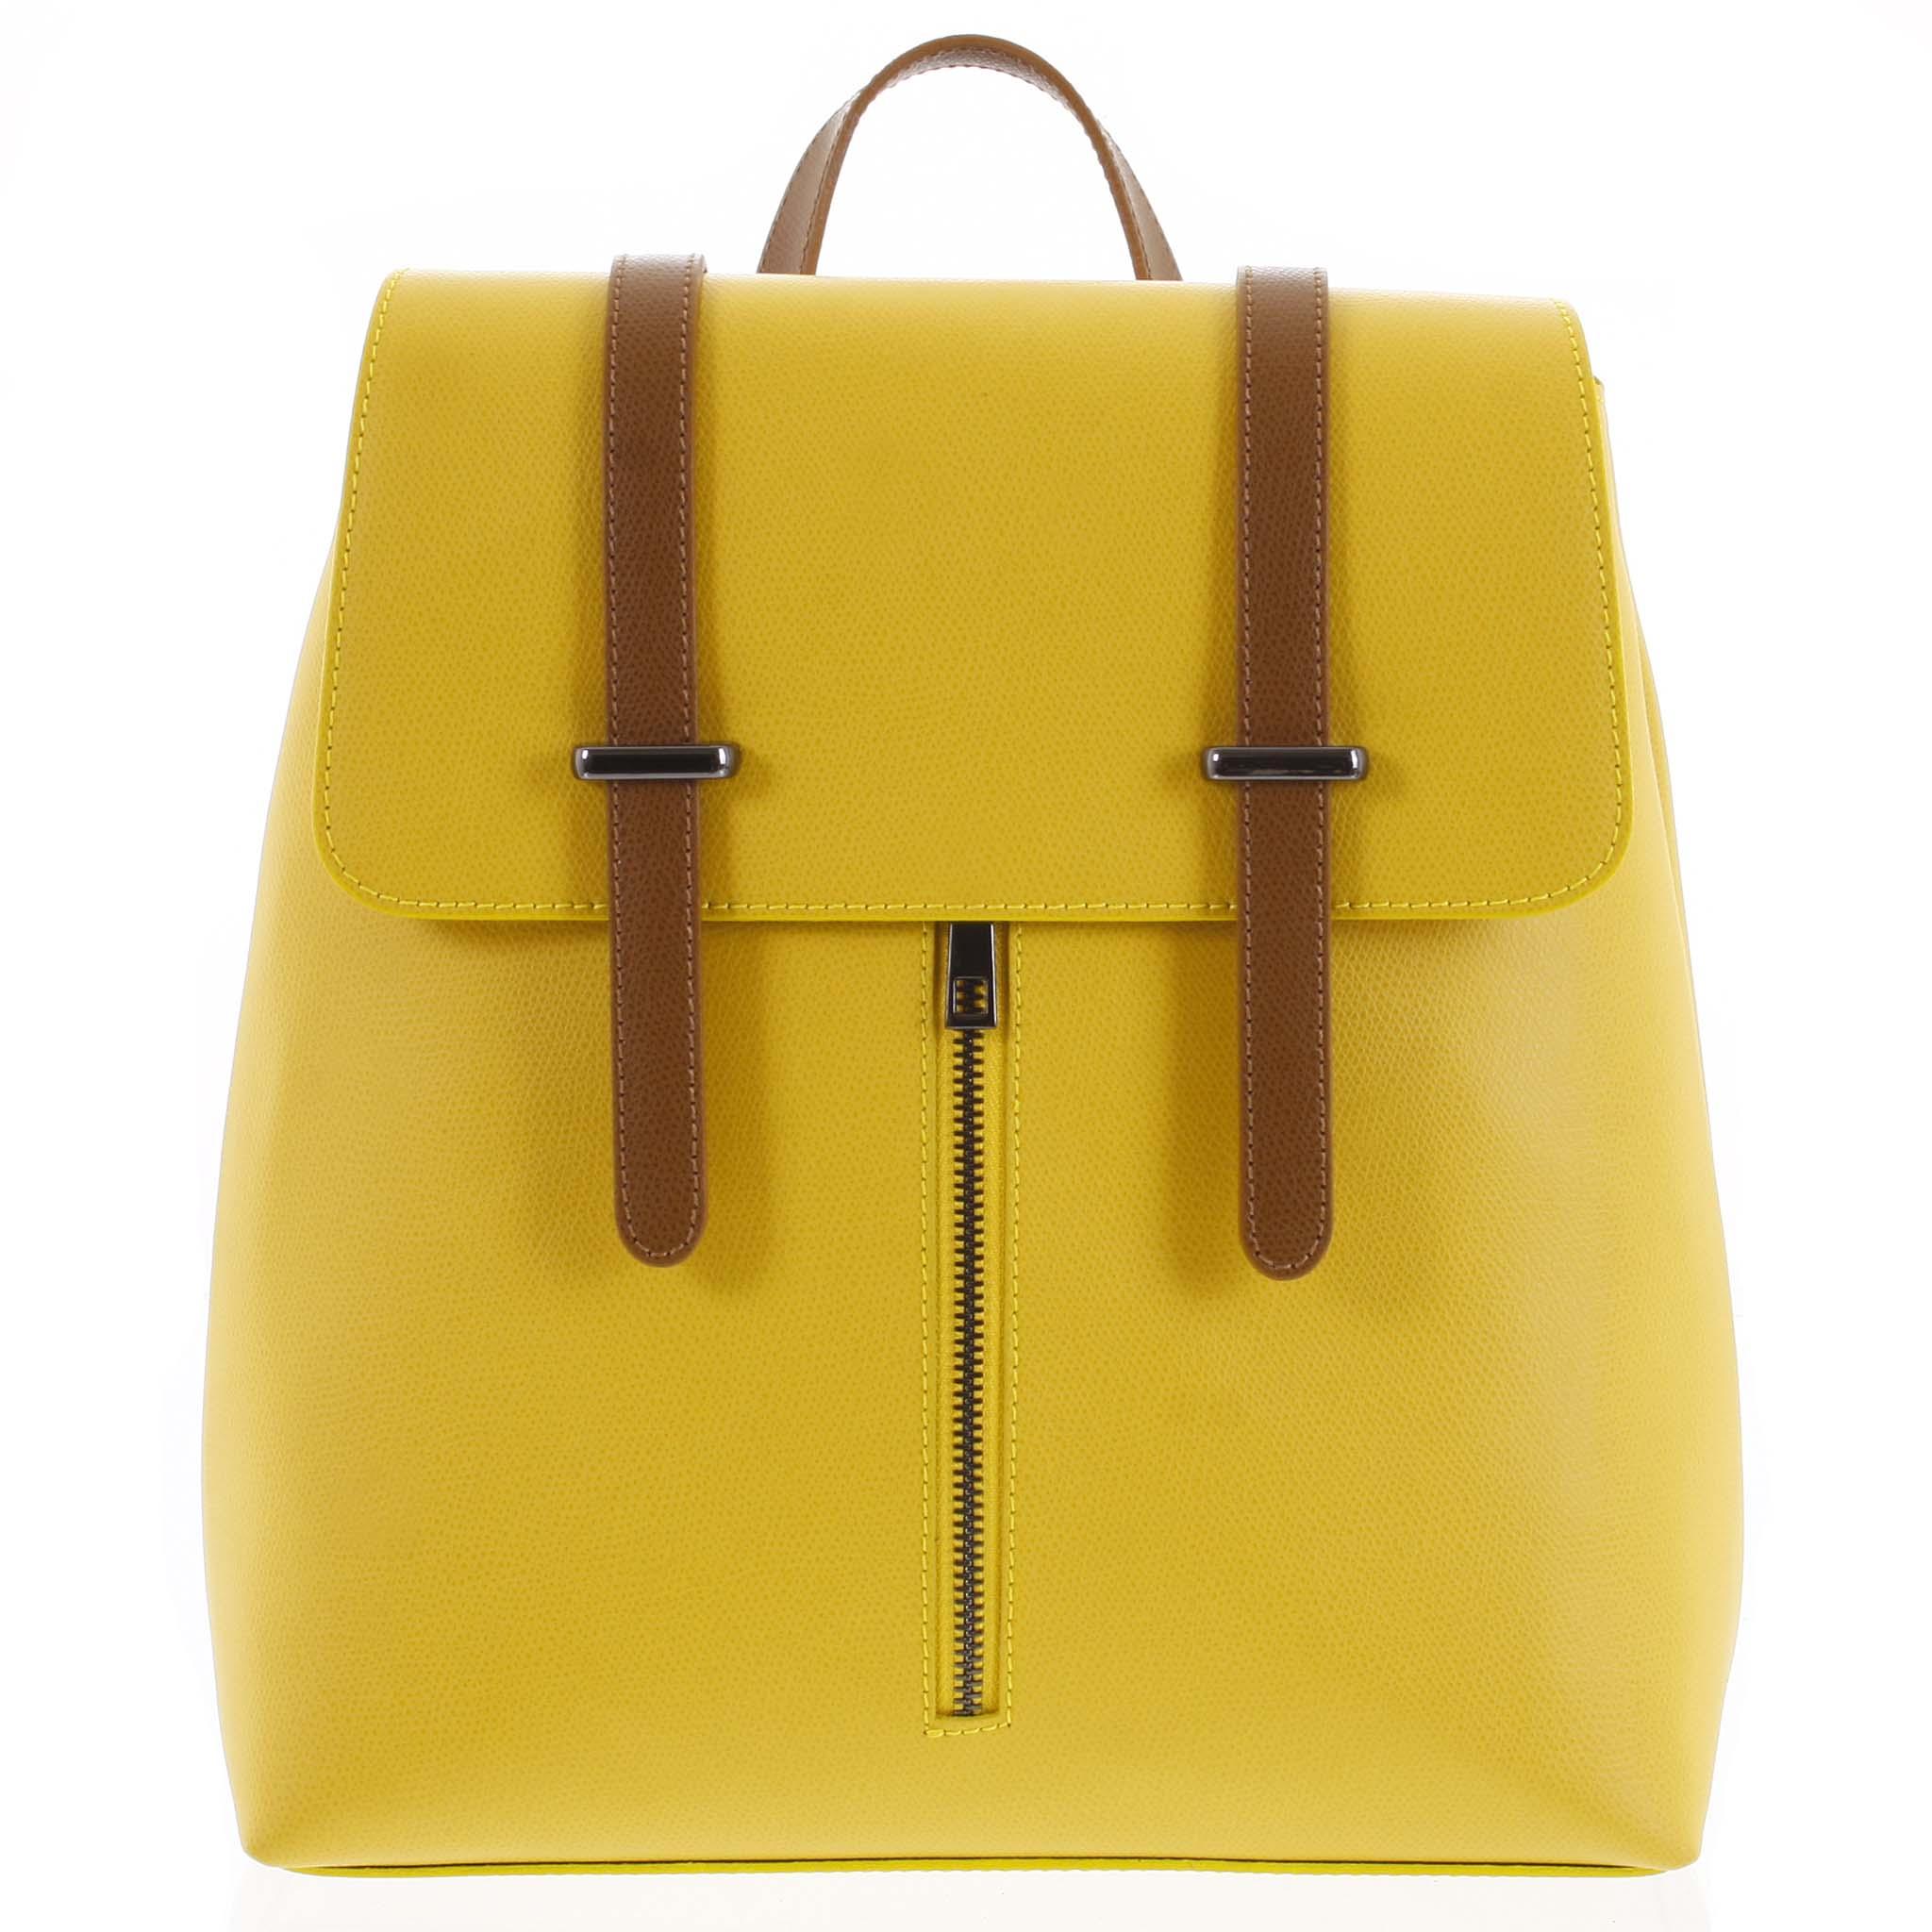 Dámský kožený batoh žluto hnědý - ItalY Waterfall